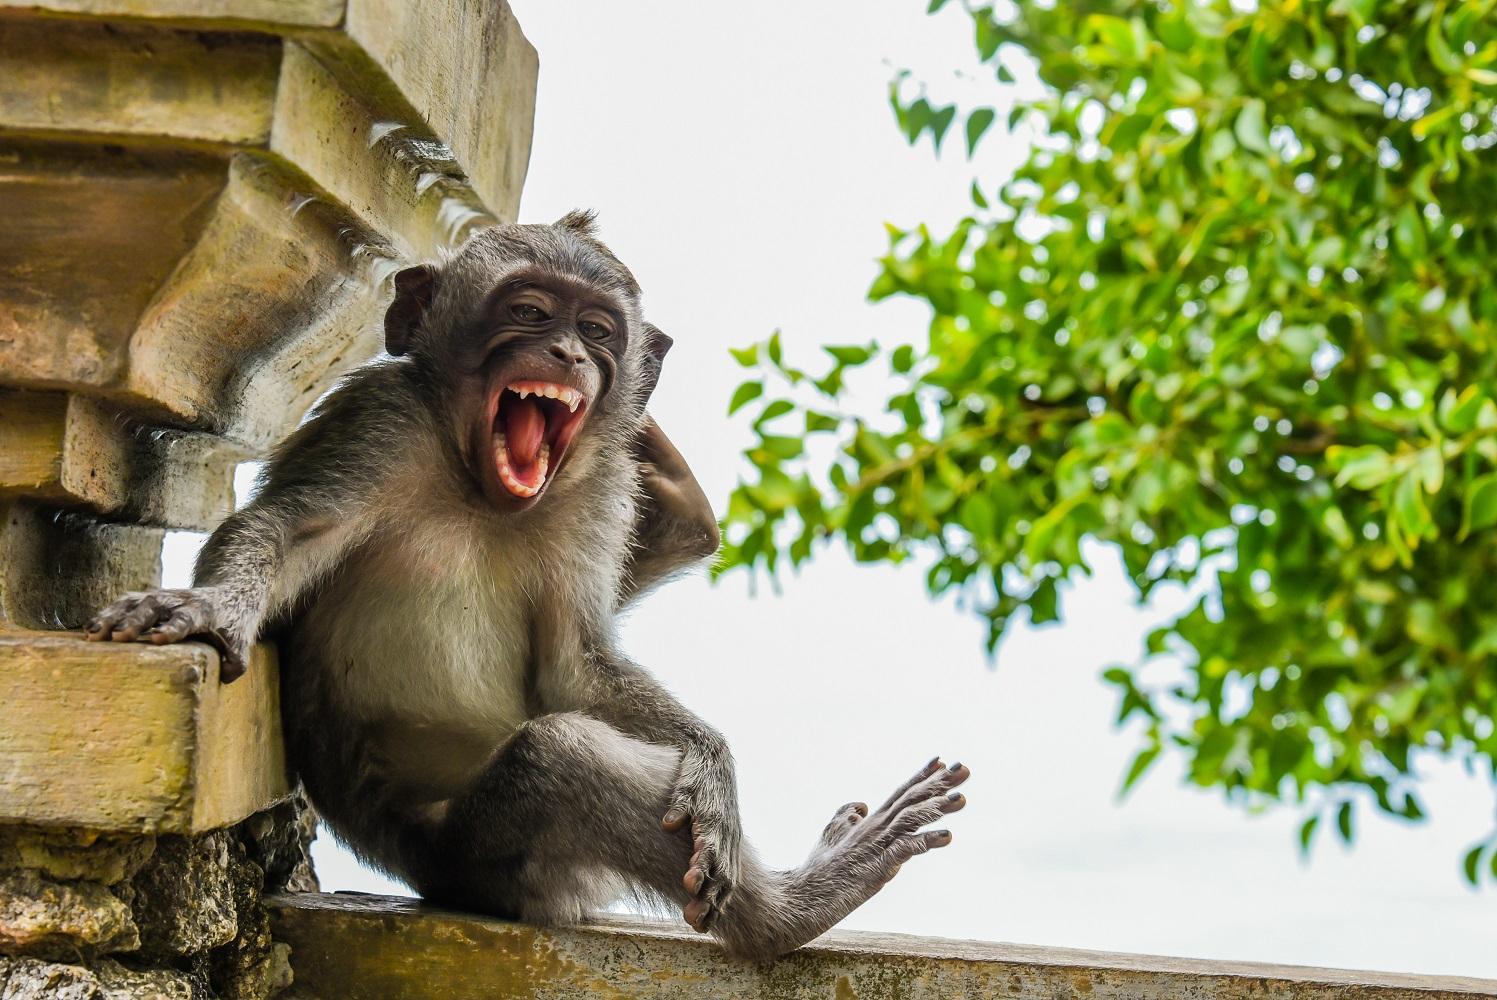 Fotografija 'Namještanje za fotku' fotografa Luisa Martija snimljena na Baliju.